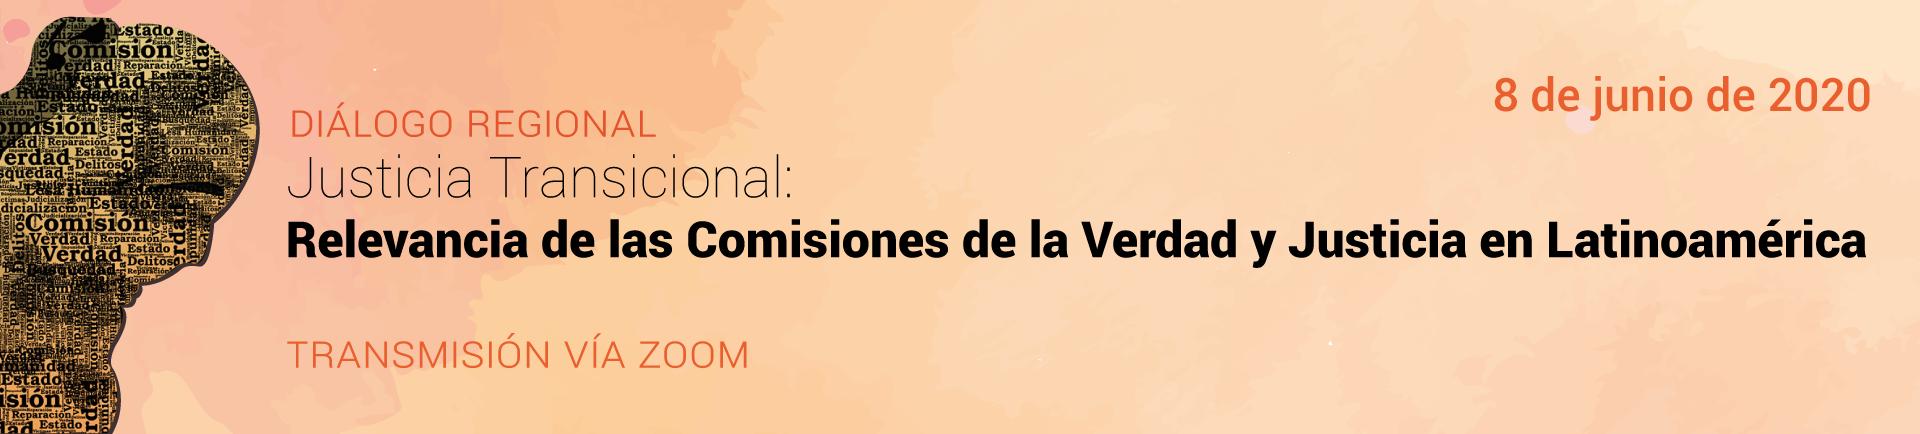 JUSTICIA TRANSICIONAL: RELEVANCIA DE LAS COMISIONES DE LA VERDAD Y JUSTICIA EN LATINOAMÉRICA. DIÁLOGO REGIONAL